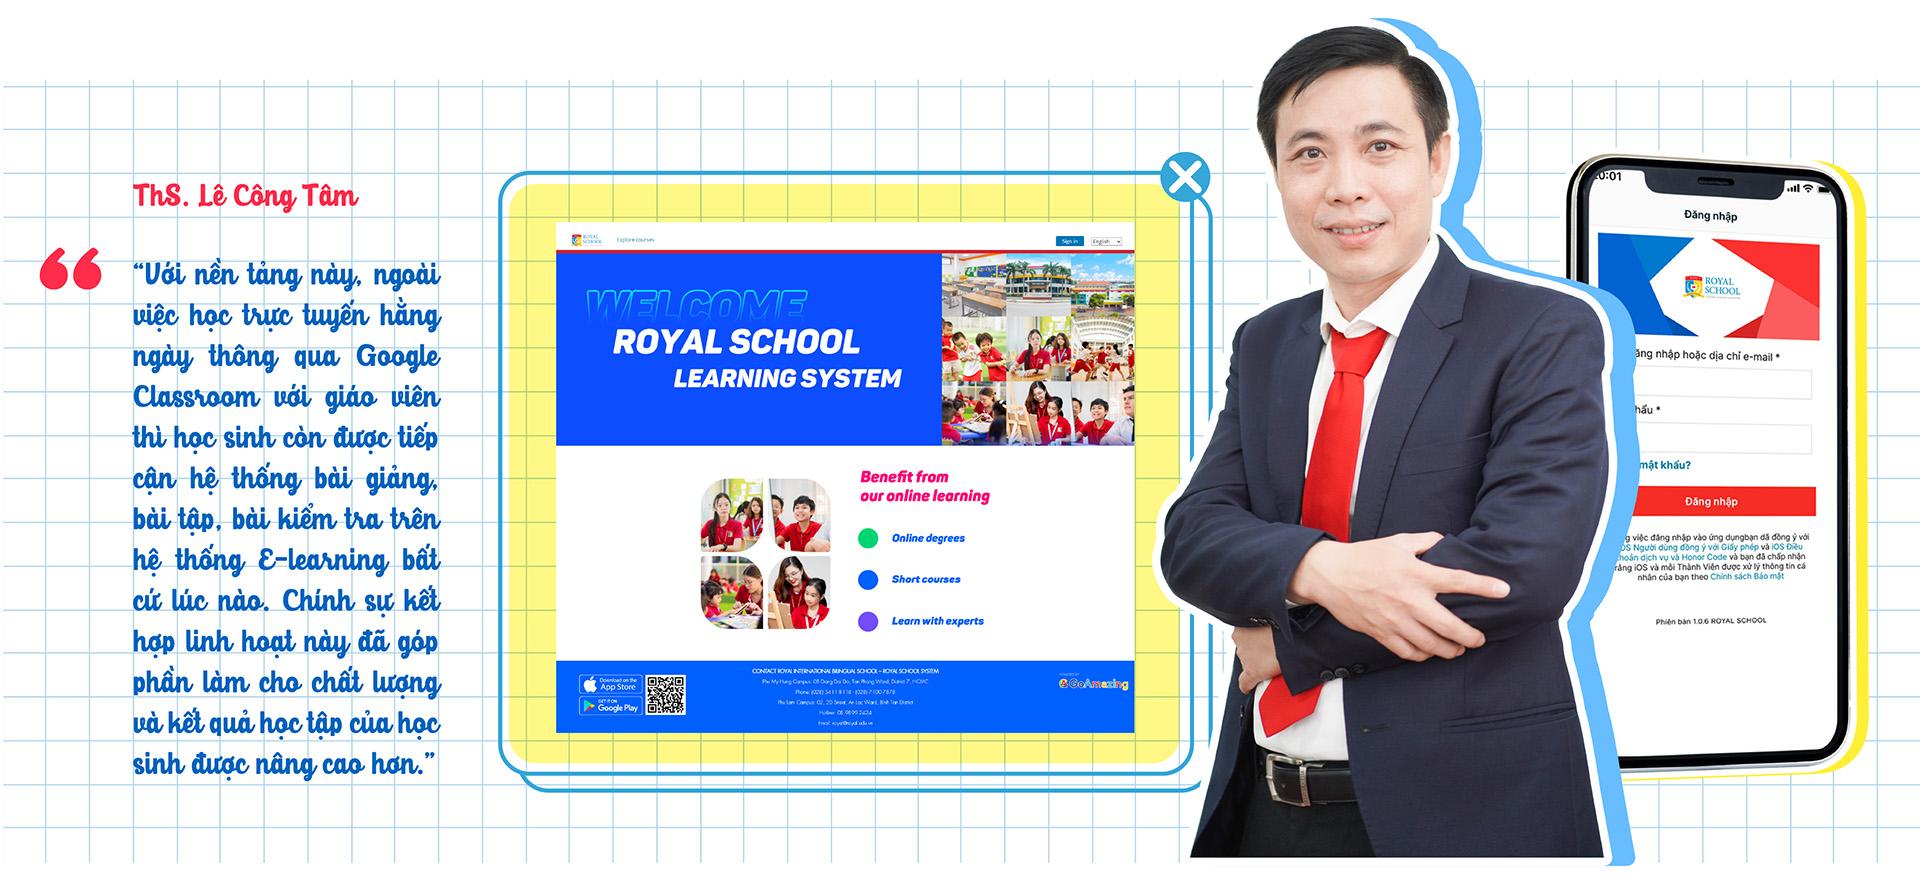 Những lớp học 'không bục giảng' của học sinh tiểu học tại Royal School 'mùa giãn cách' - ảnh 5